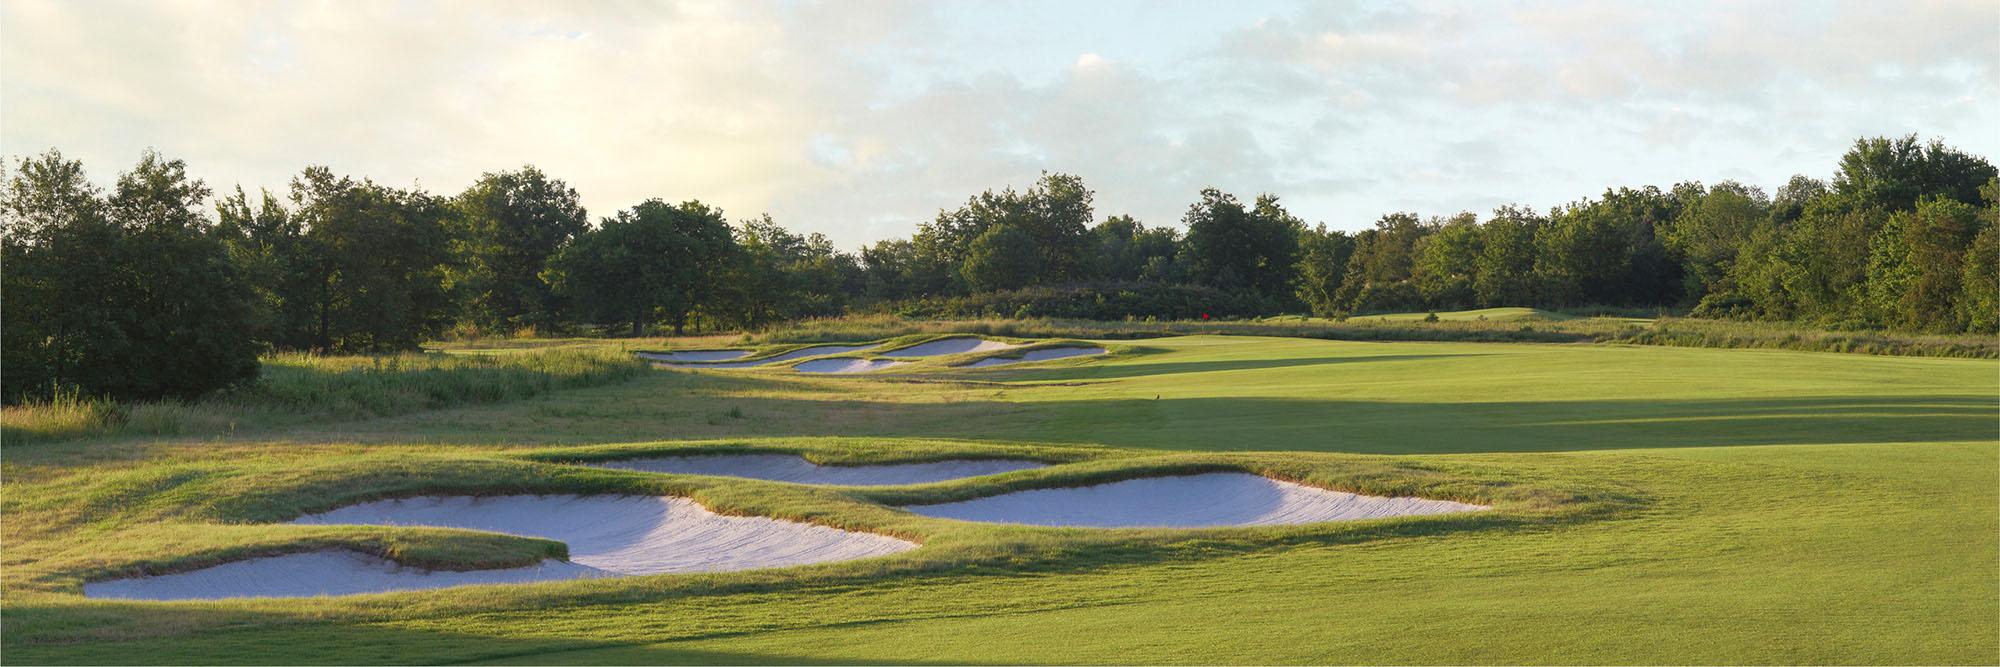 Golf Course Image - Patriot No. 10